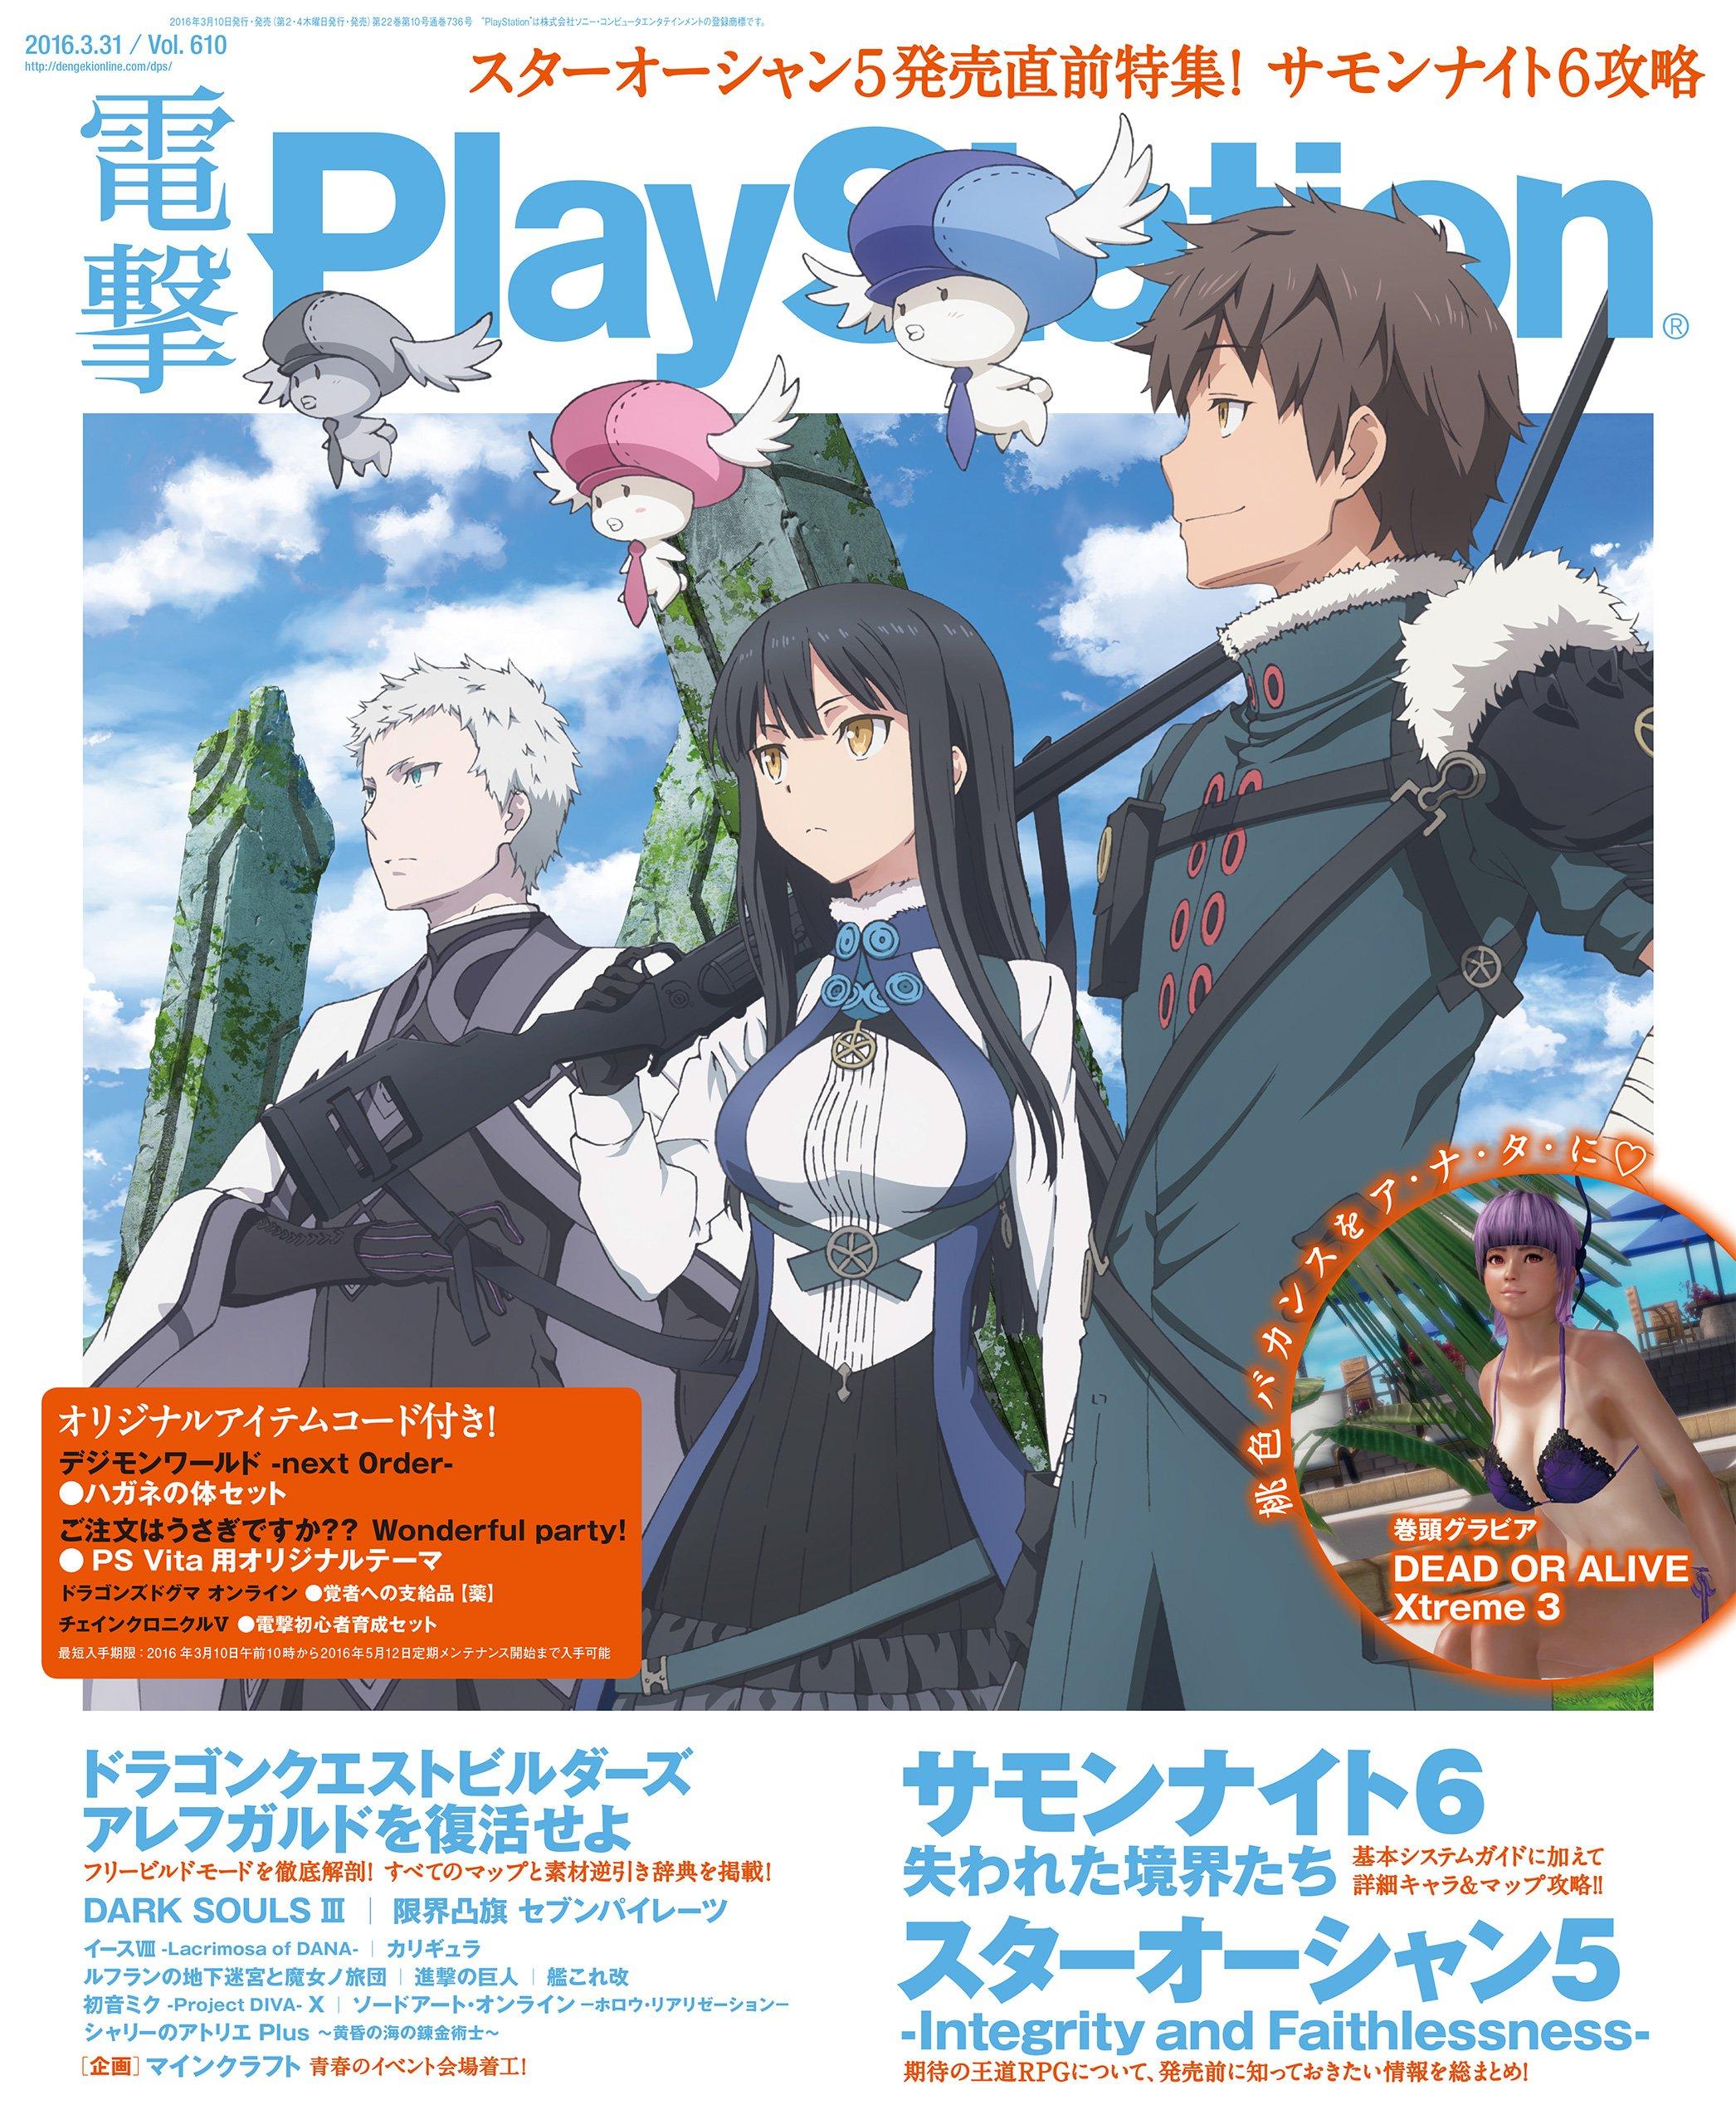 Dengeki PlayStation 610 (March 31, 2016)